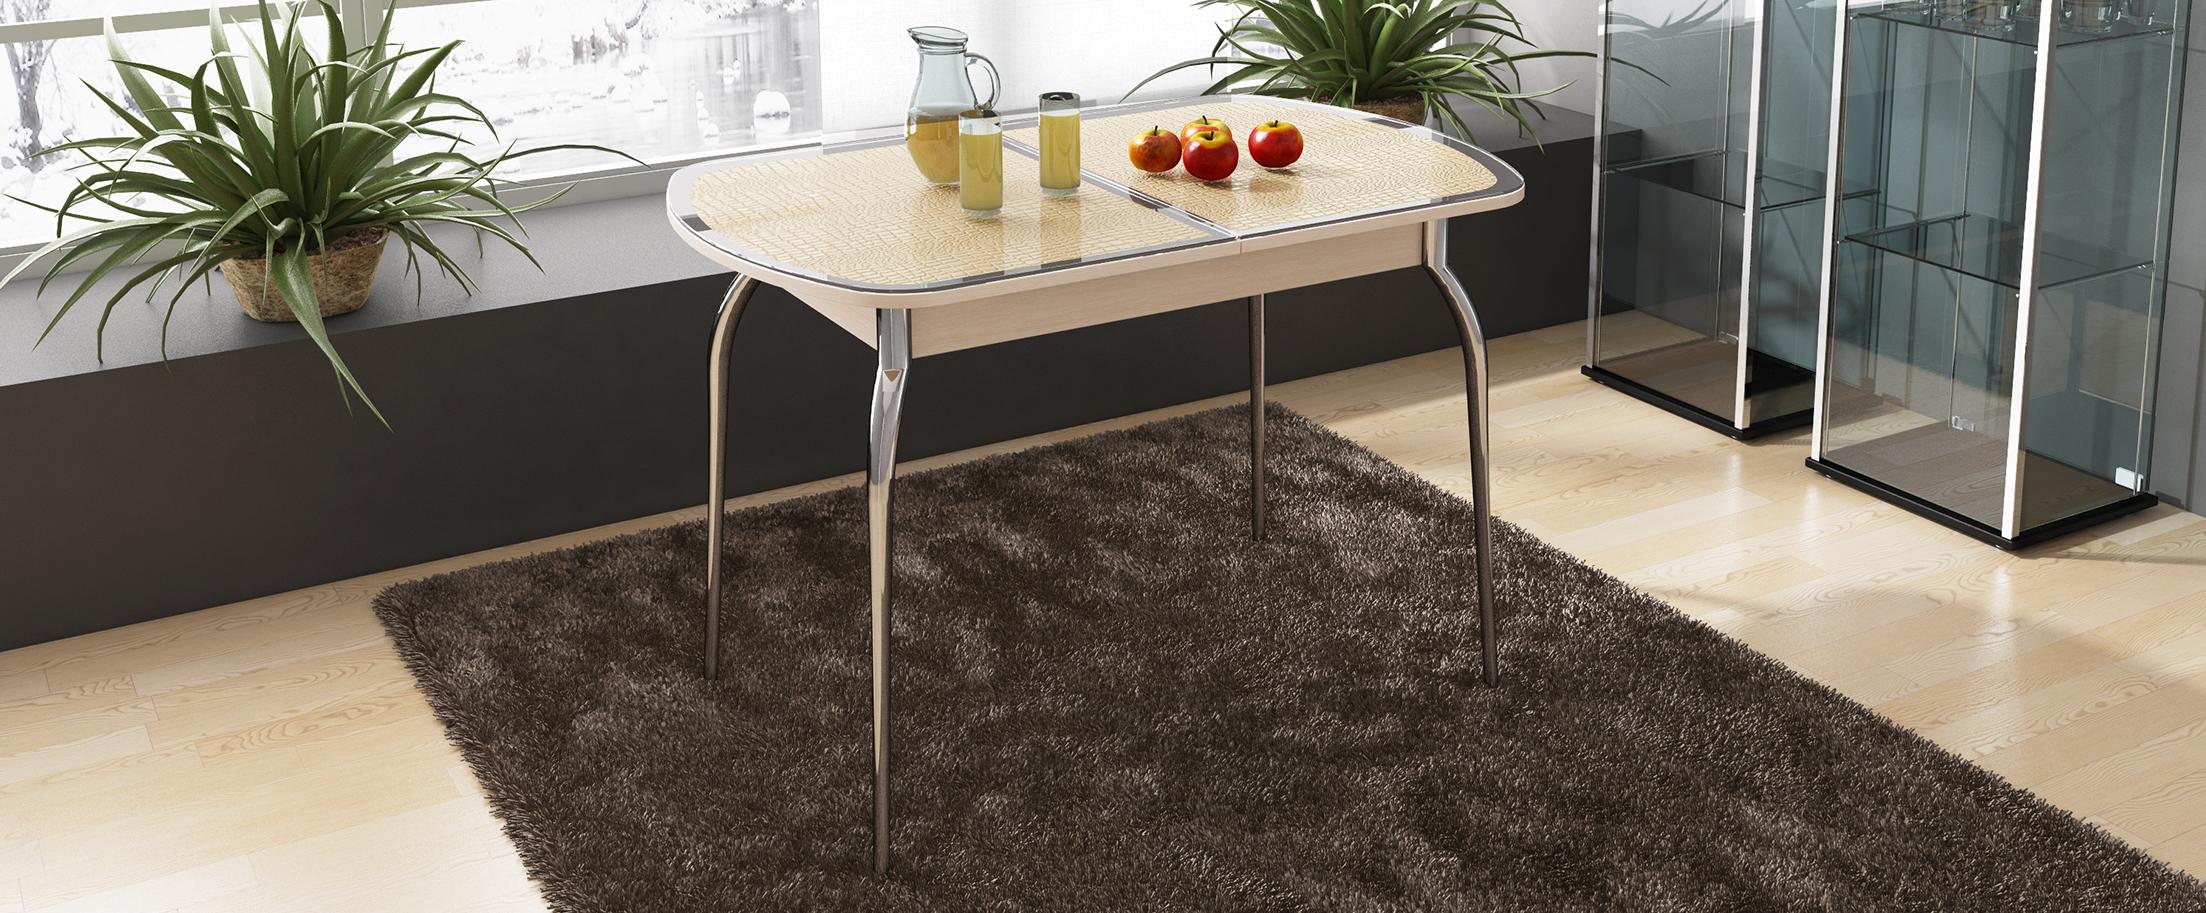 Стол обеденный Ницца Модель 3030 от MOON TRADE